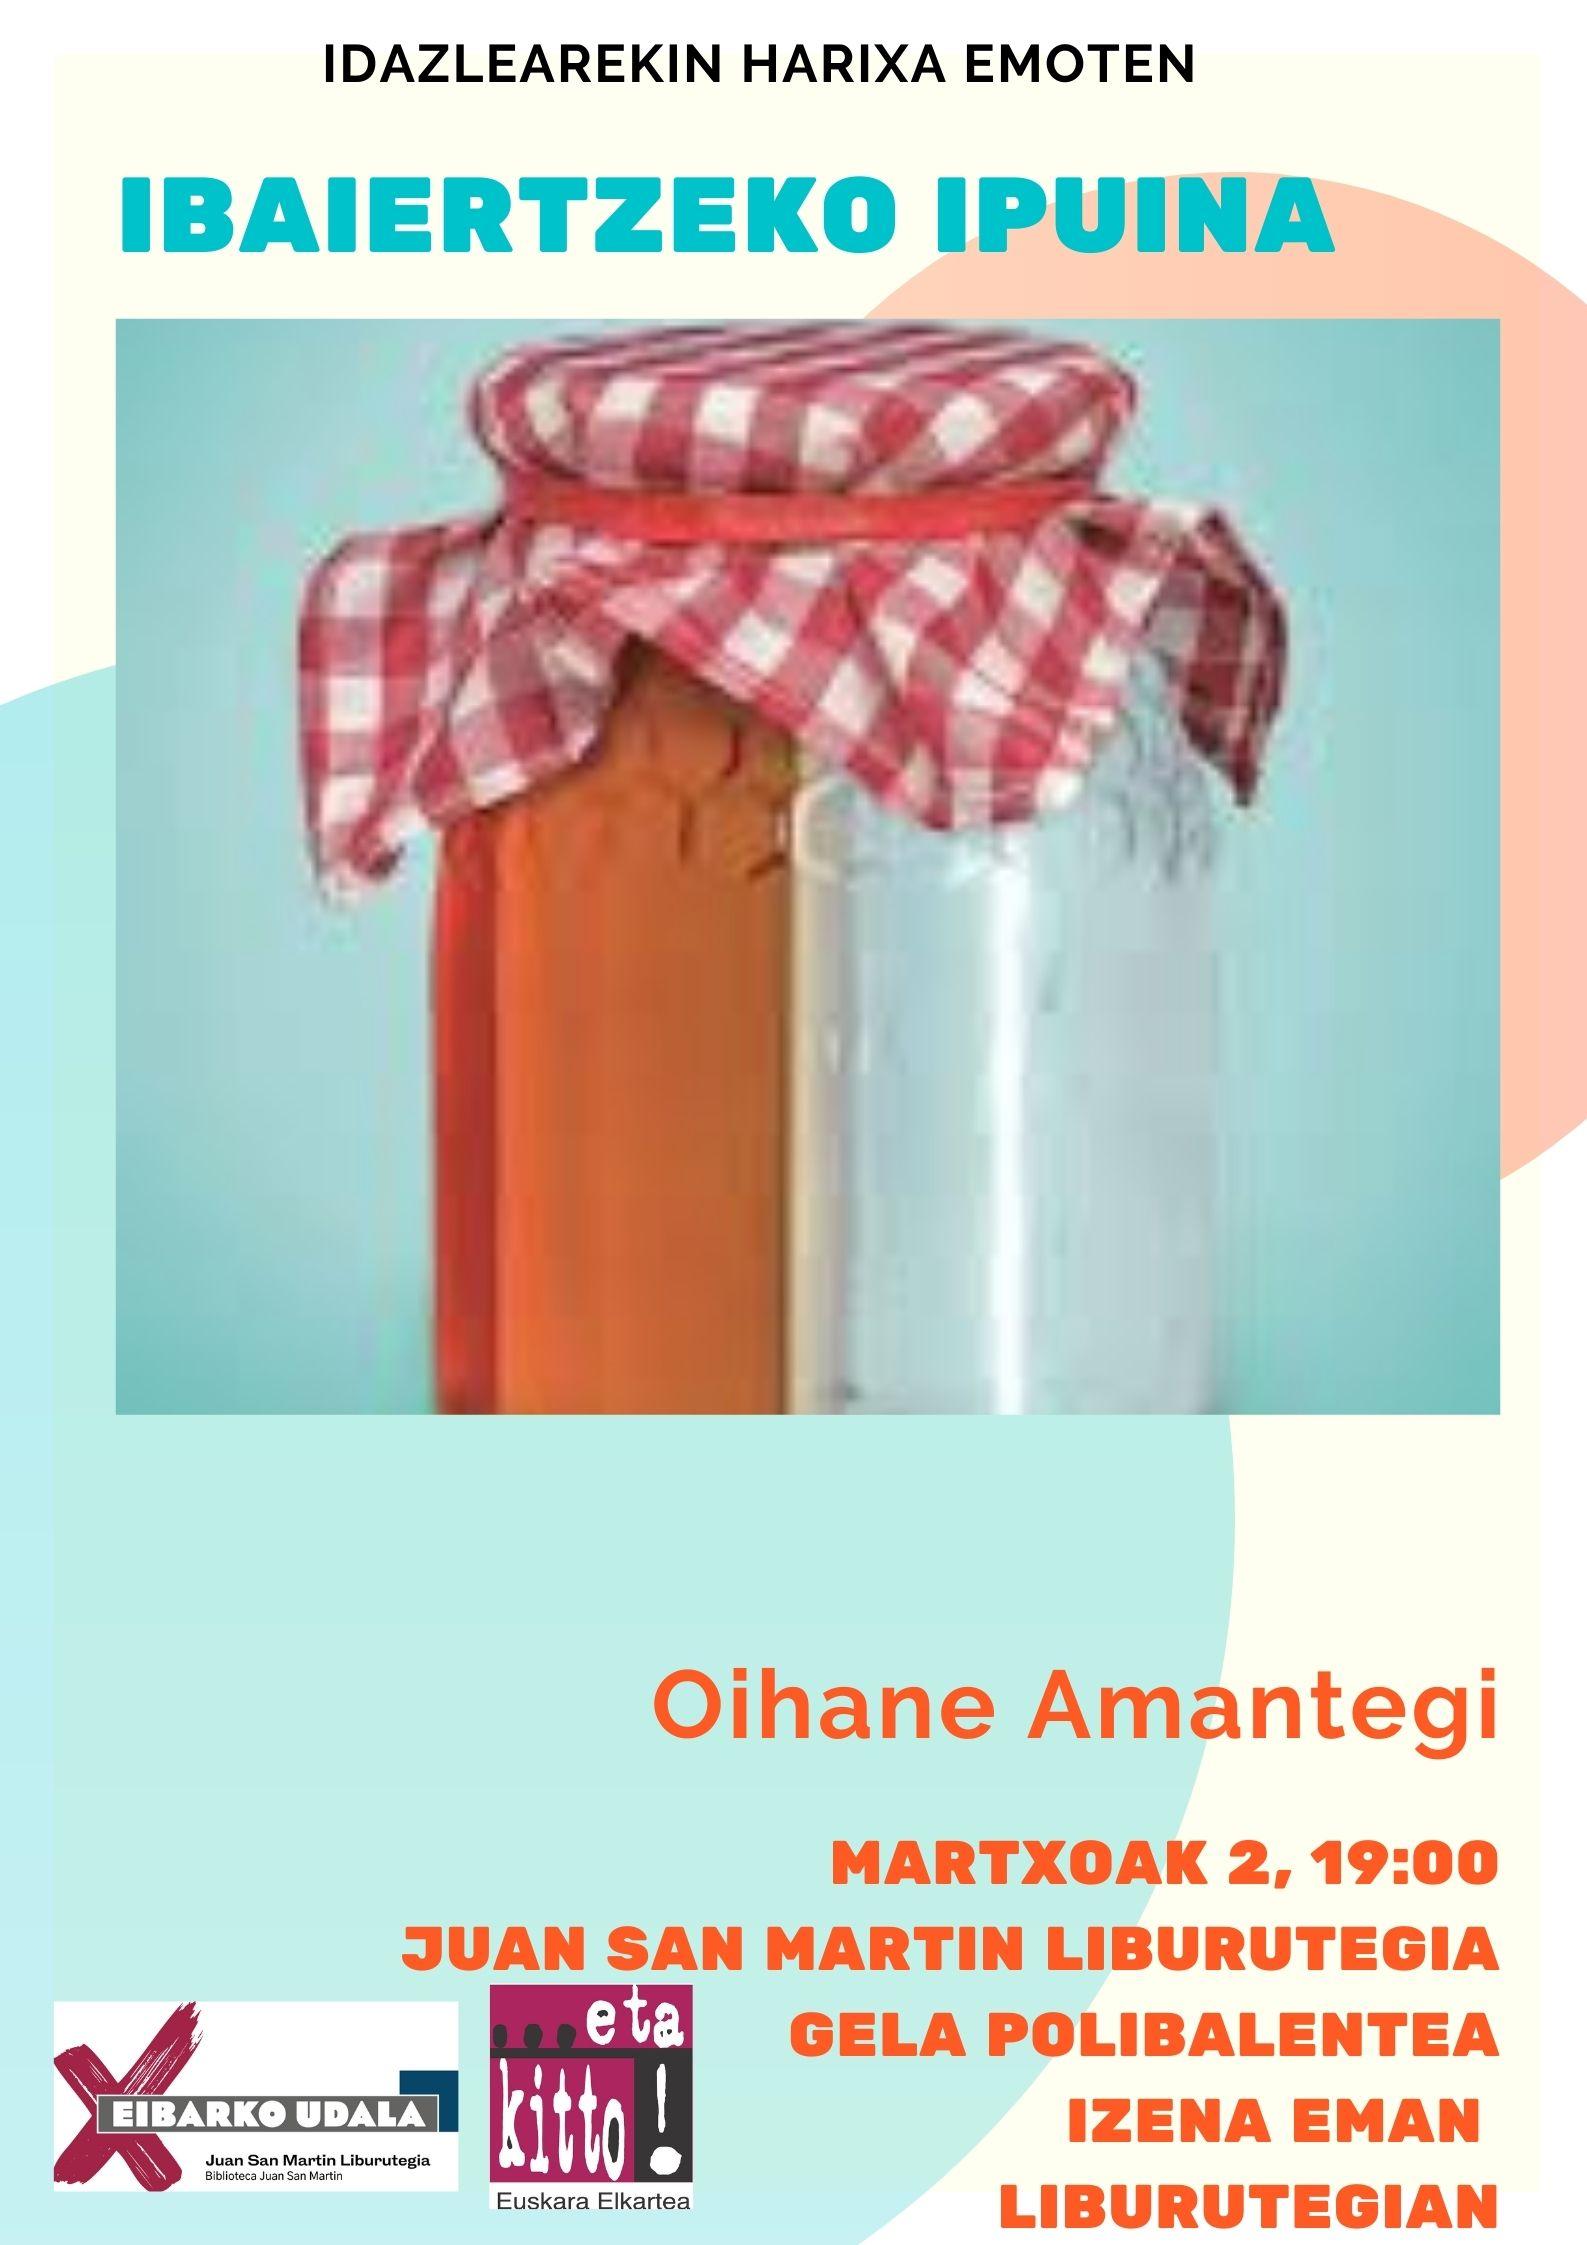 Idazlearekin harixa emoten: Oihane Amantegi